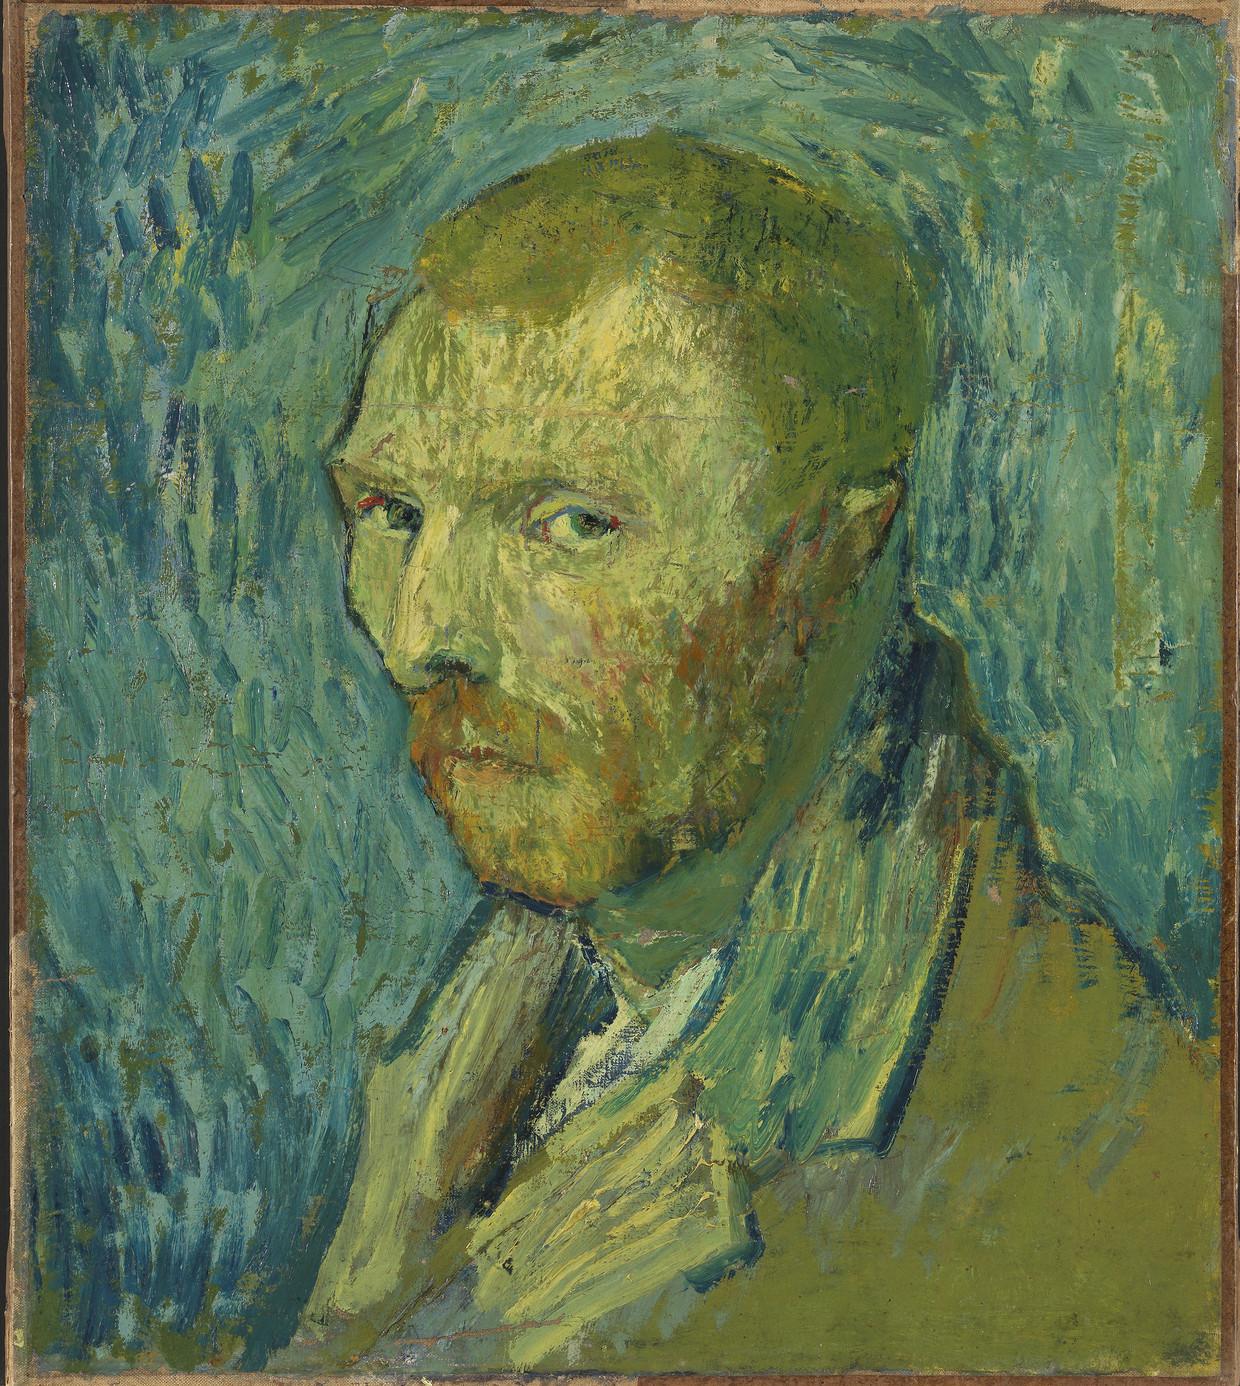 Het zelfportret uit 1889 is volgens het Van Gogh Museum toch een echte Van Gogh. Beeld Nasjonalmuseet Oslo